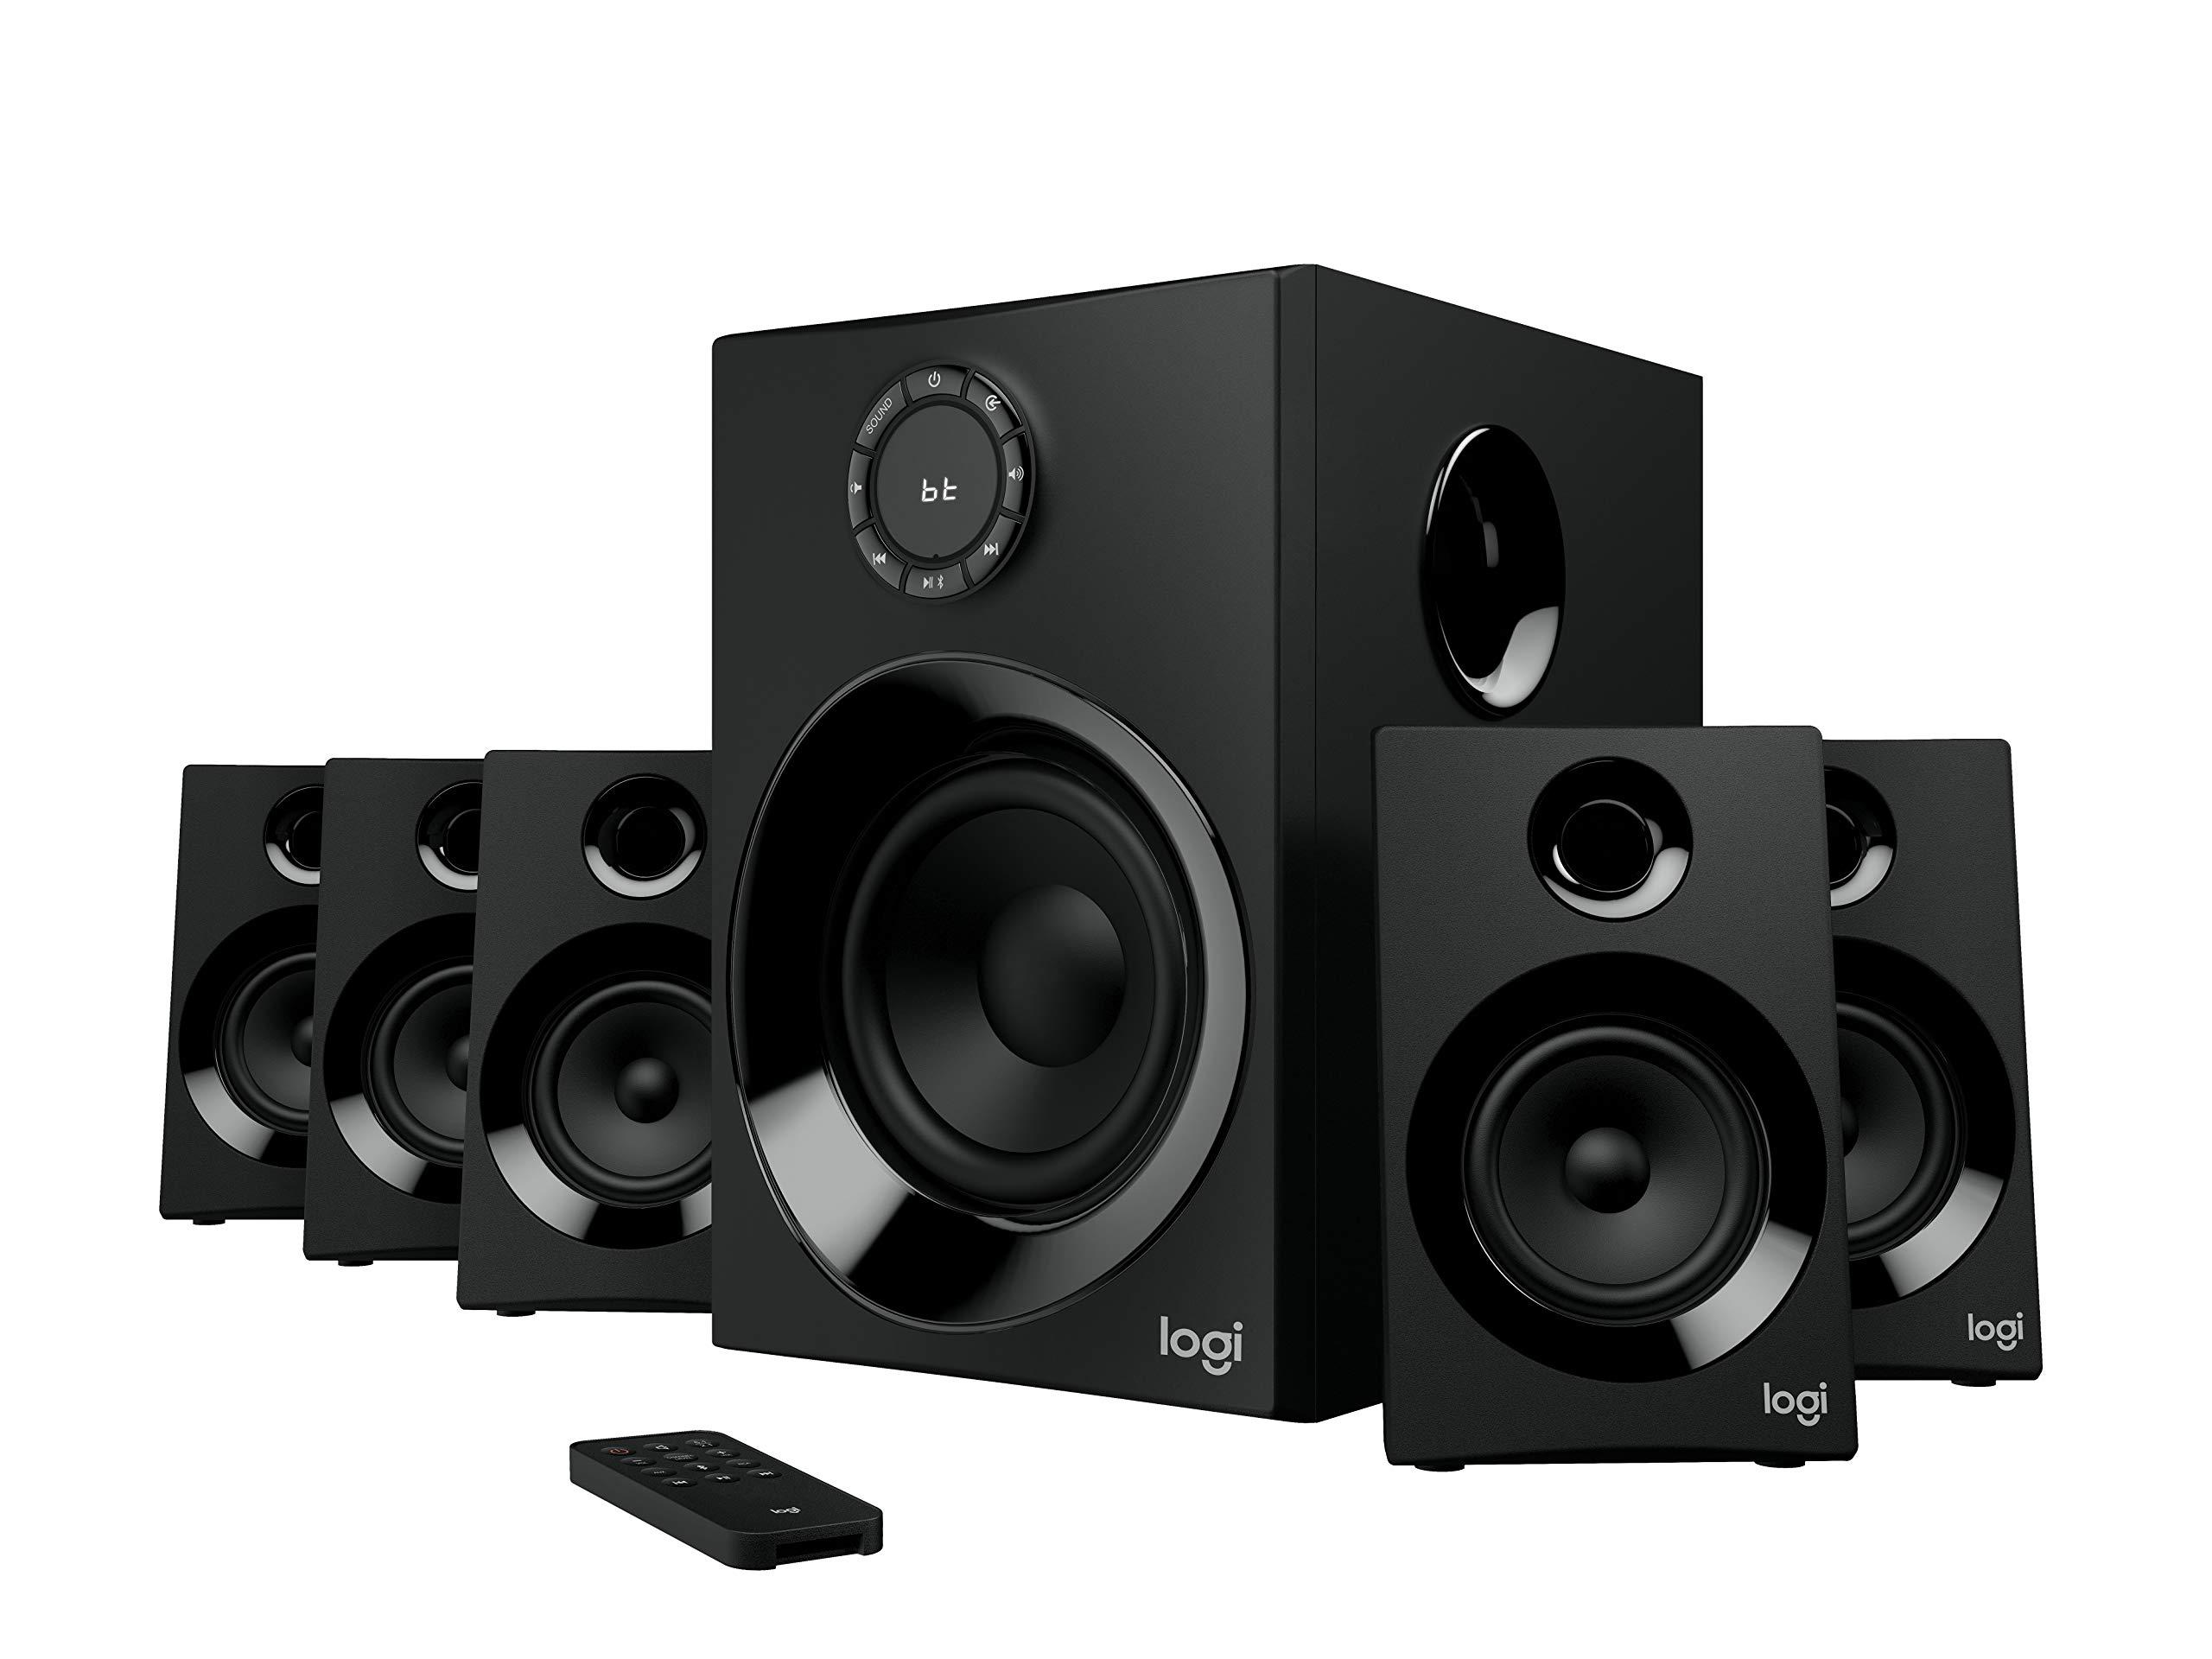 로지텍 Z606 51채널 서라운드 블루투스 스피커 Logitech Z606 51 Surround Sound Speaker System with Bluetooth